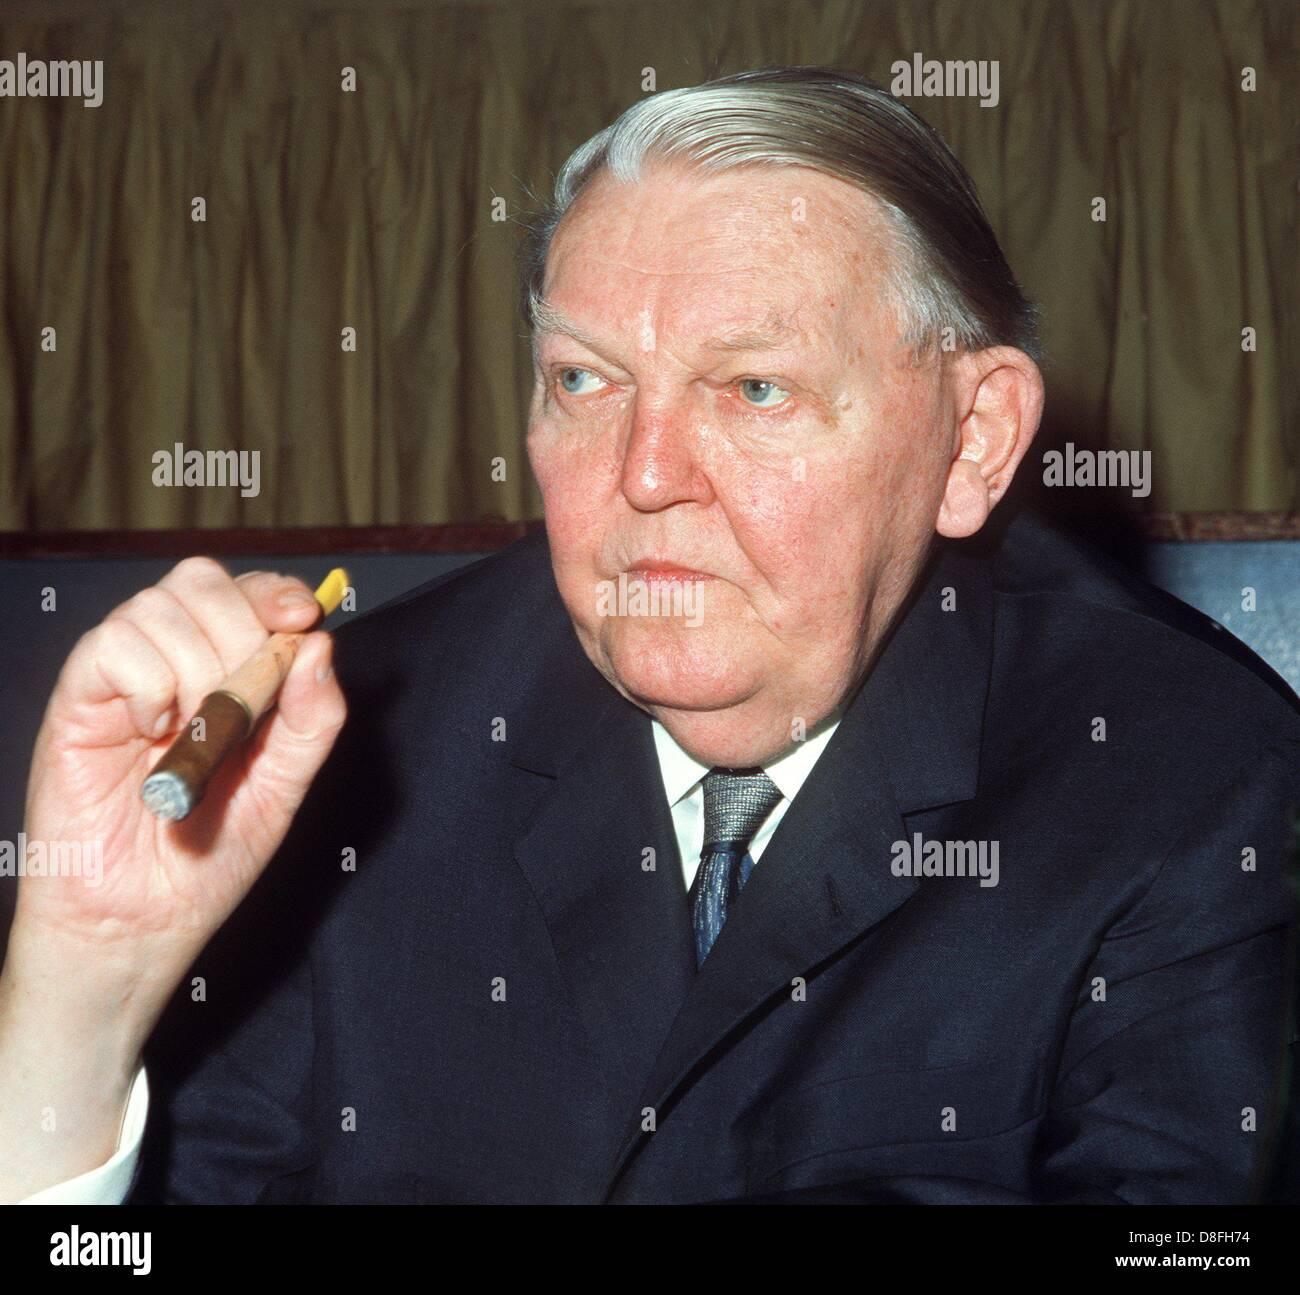 """Le """"père du miracle économique allemand Ludwig Erhard"""" au cours de la CDU conférence en novembre 1969 à Mayence. Banque D'Images"""